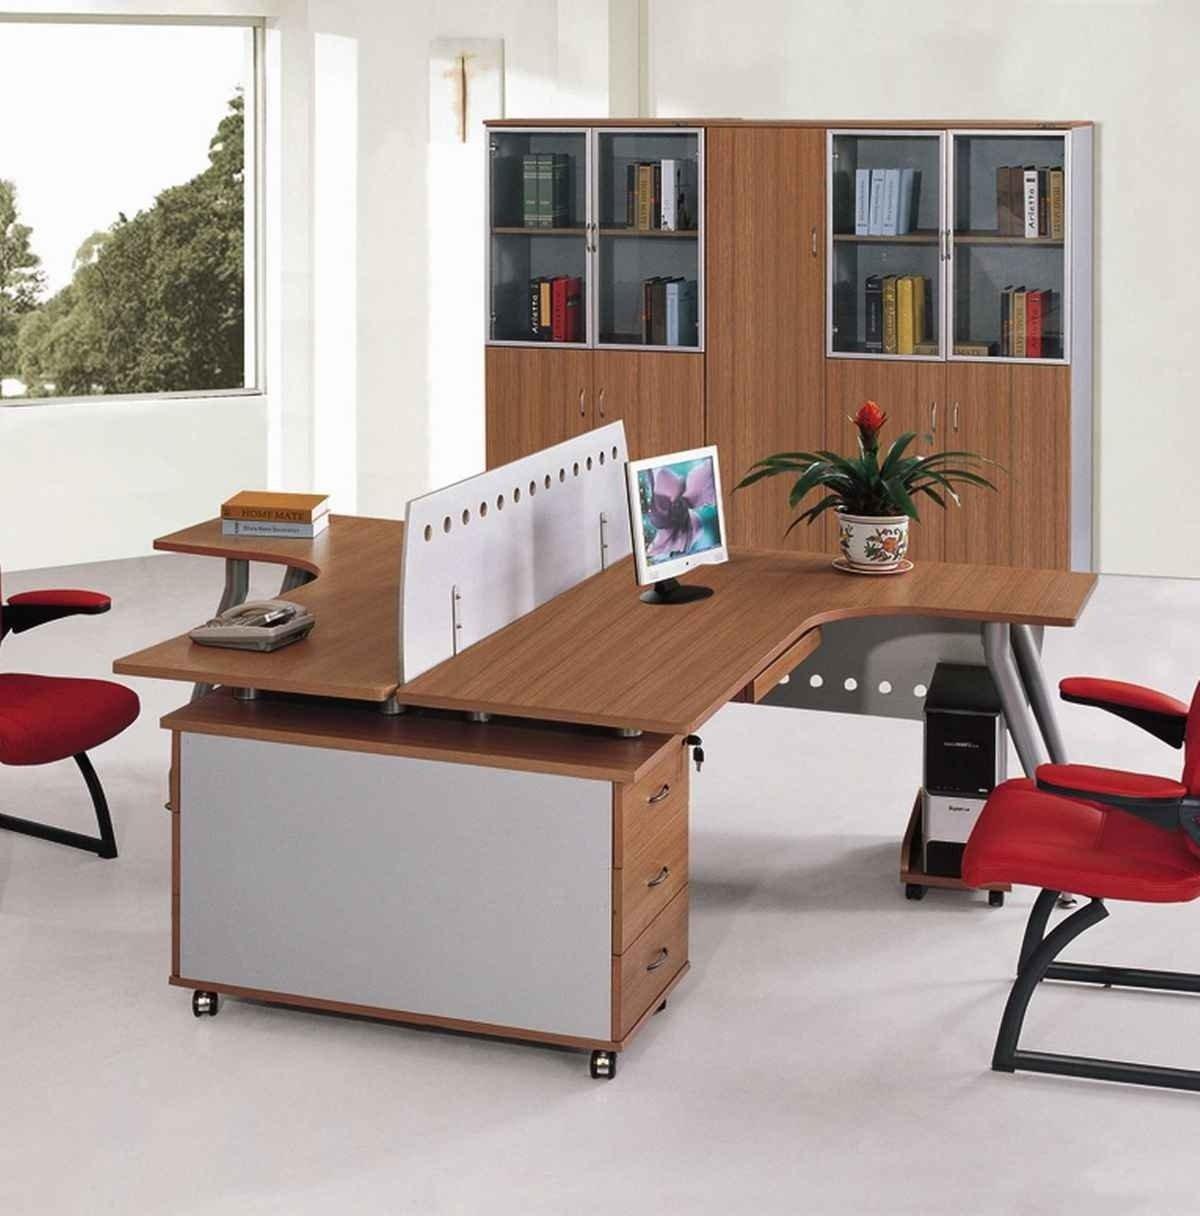 2 Person Desk - Visual Hunt